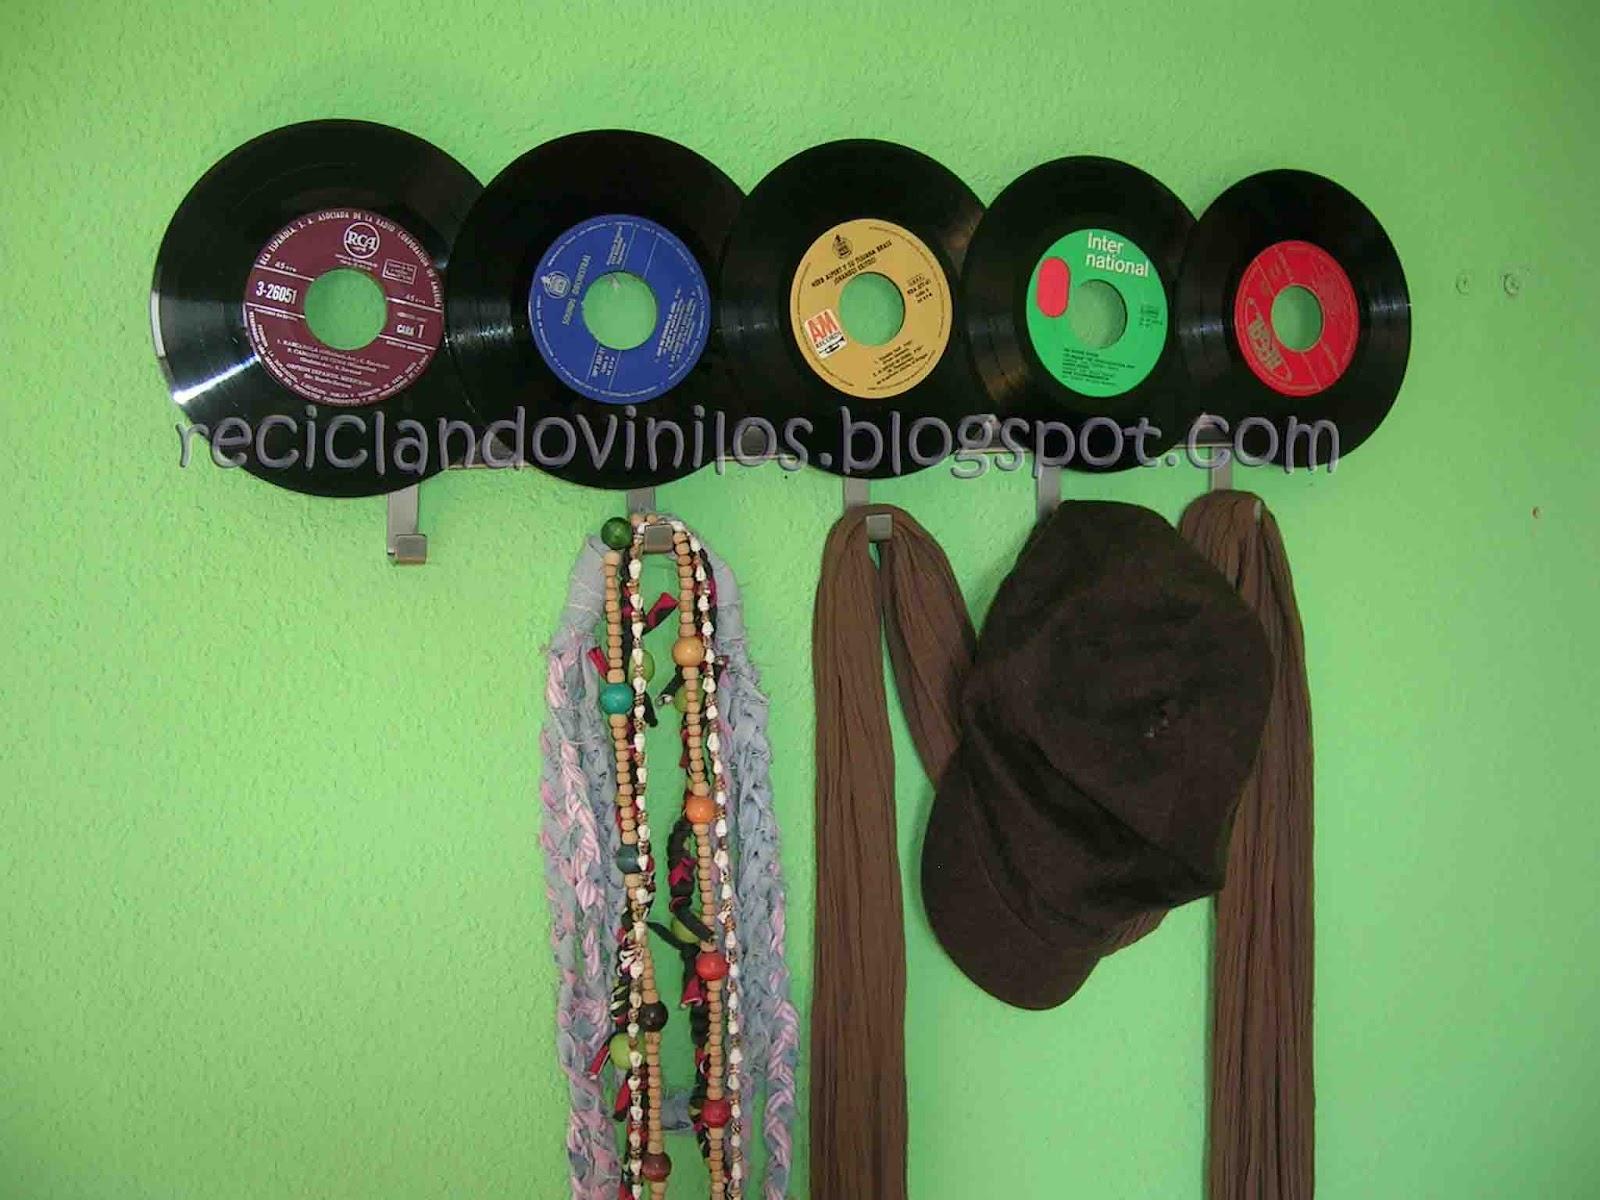 Itziar reciclando vinilos decoraci n con vinilos - Decoracion con discos de vinilo ...